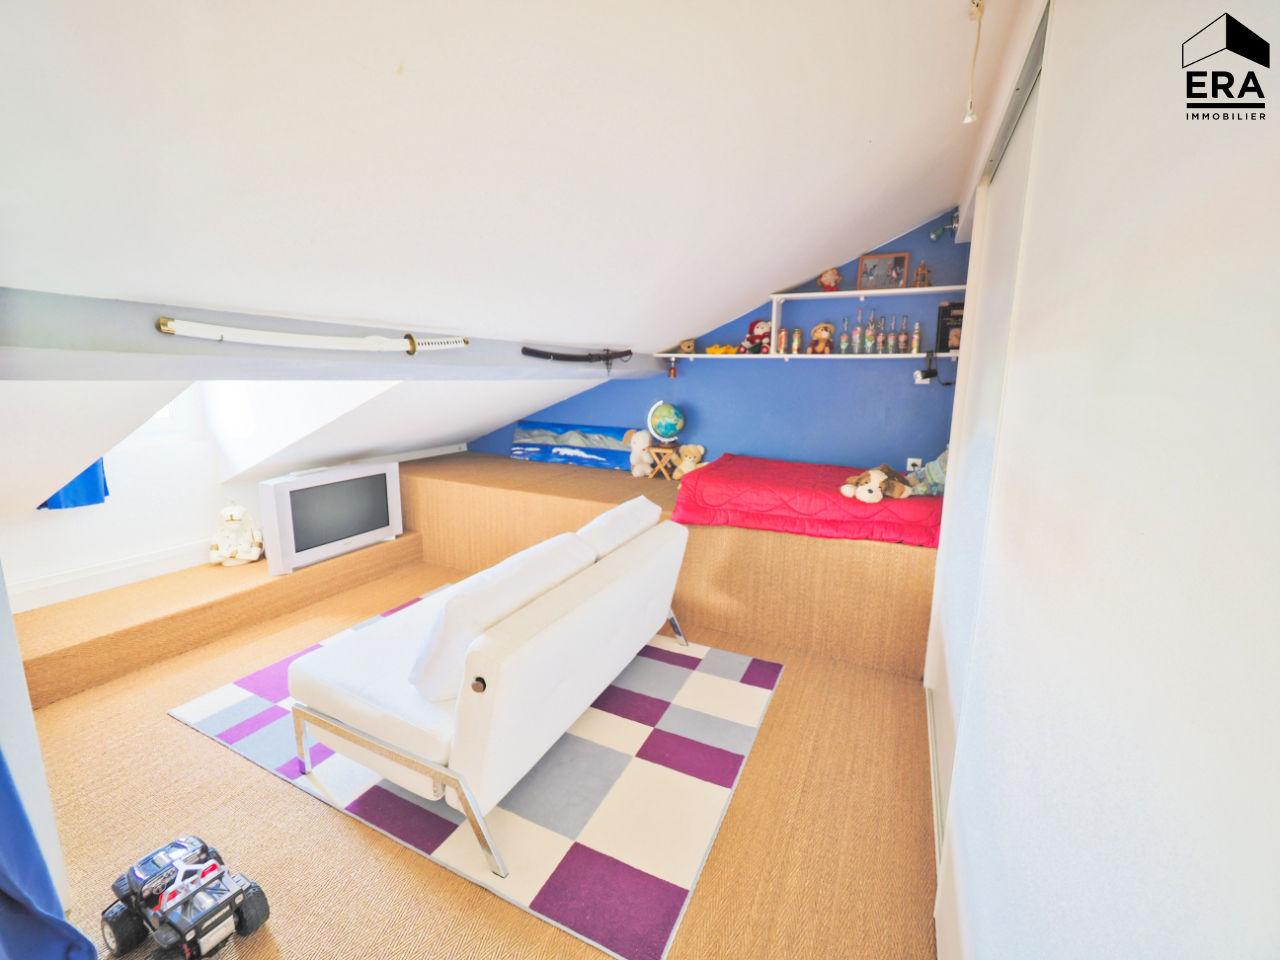 Vente appartement T3  à CIBOURE - 9